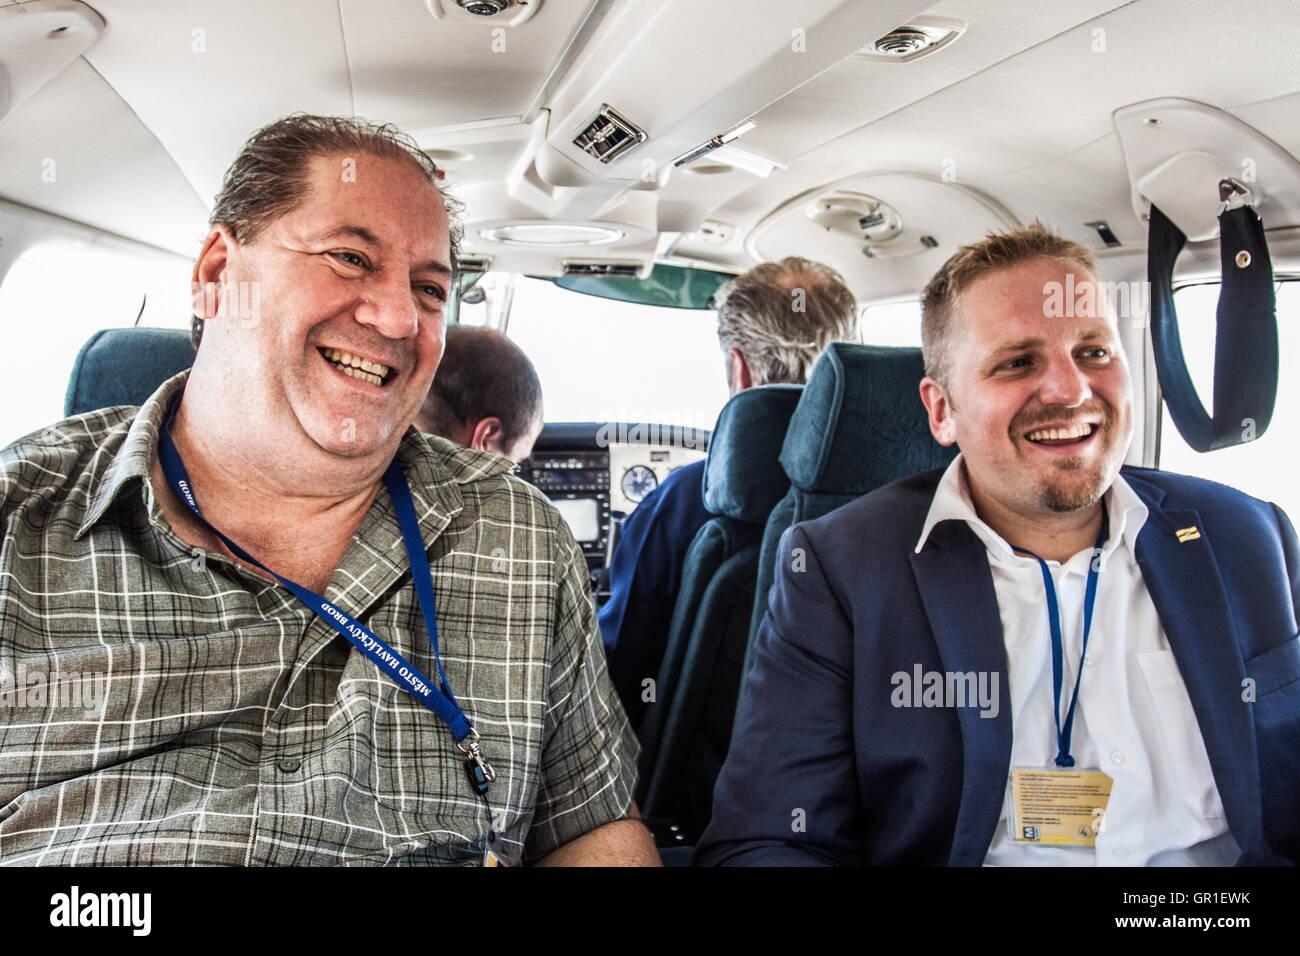 Aug 28, 2016 - Novi Sad, Serbia - Chris Principe (global banking principal on the left) and VIT JEDLICKA (president - Stock Image